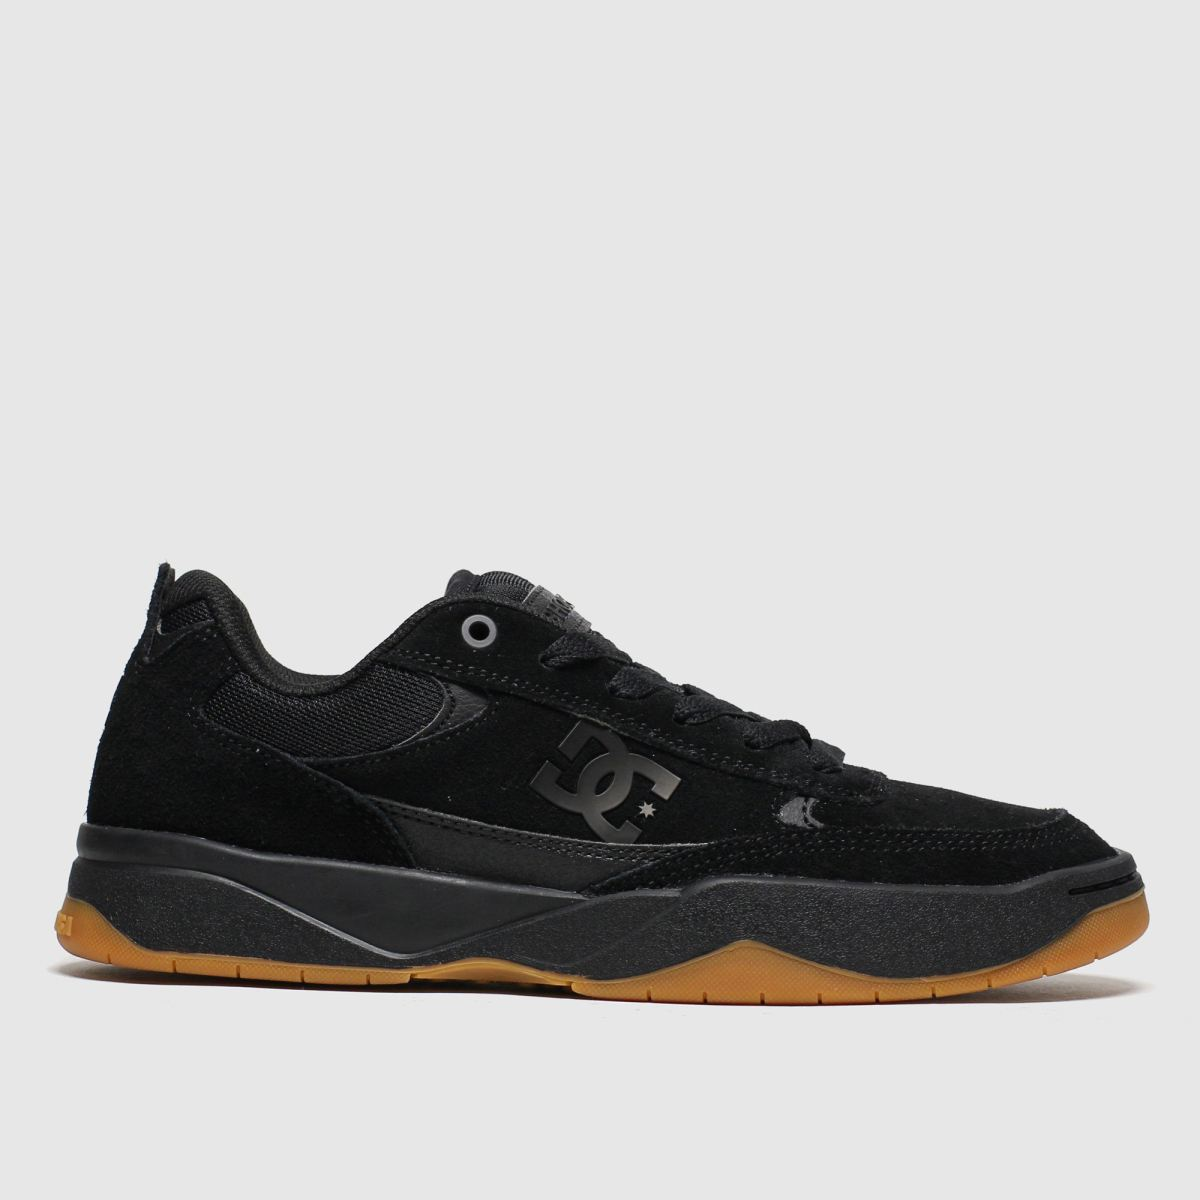 dc shoes Dc Shoes Black Penza Trainers